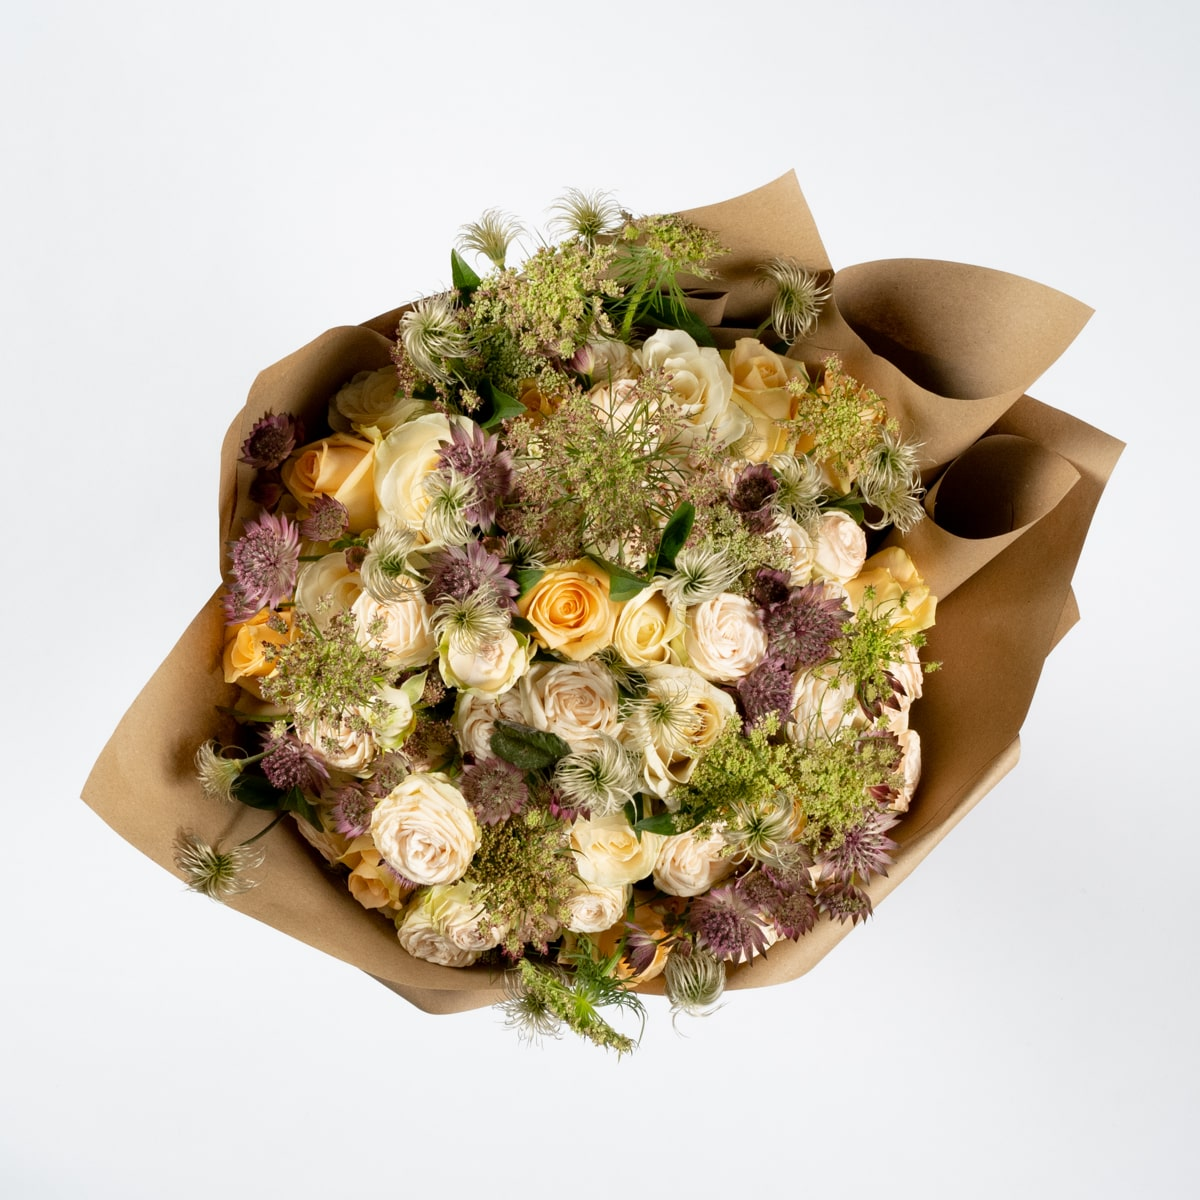 Bloom Flower Delivery | Dewsbury Bouquet